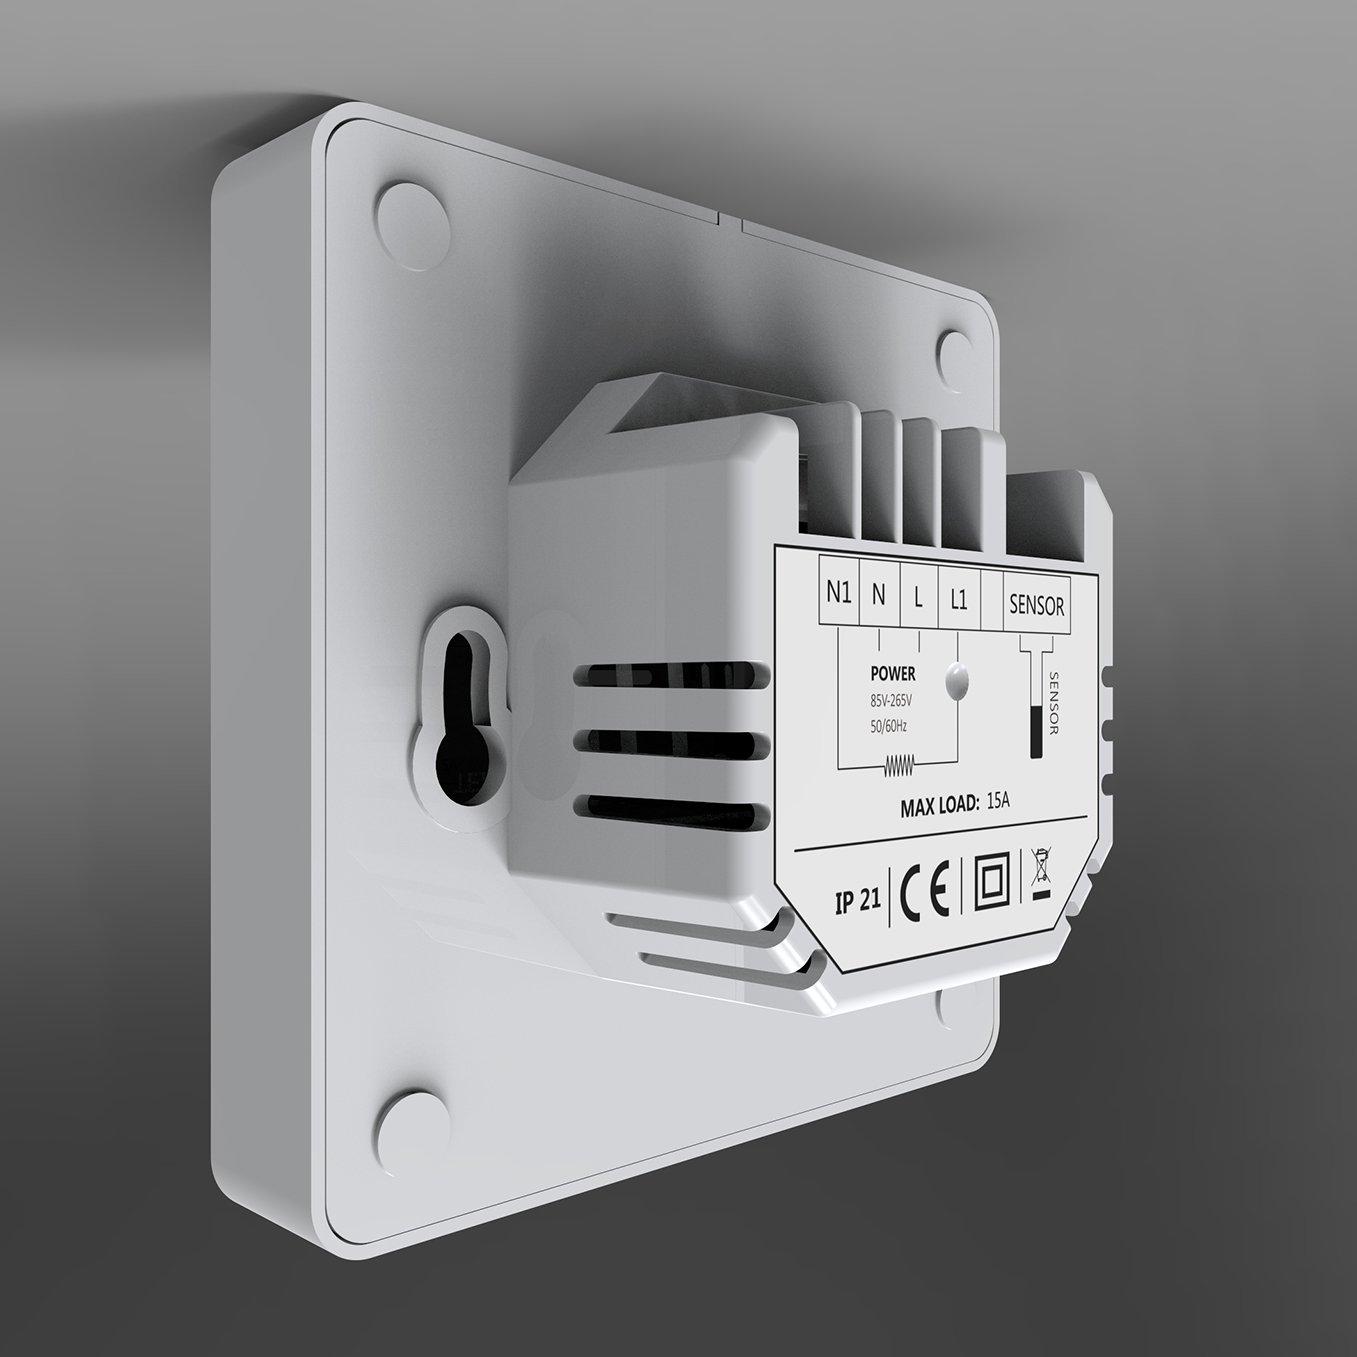 Thermostat ET61W White für elektrische Fußbodenheizung mit TWIN-Technologie - Steuerung über Smartphone zoom thumbnail 4